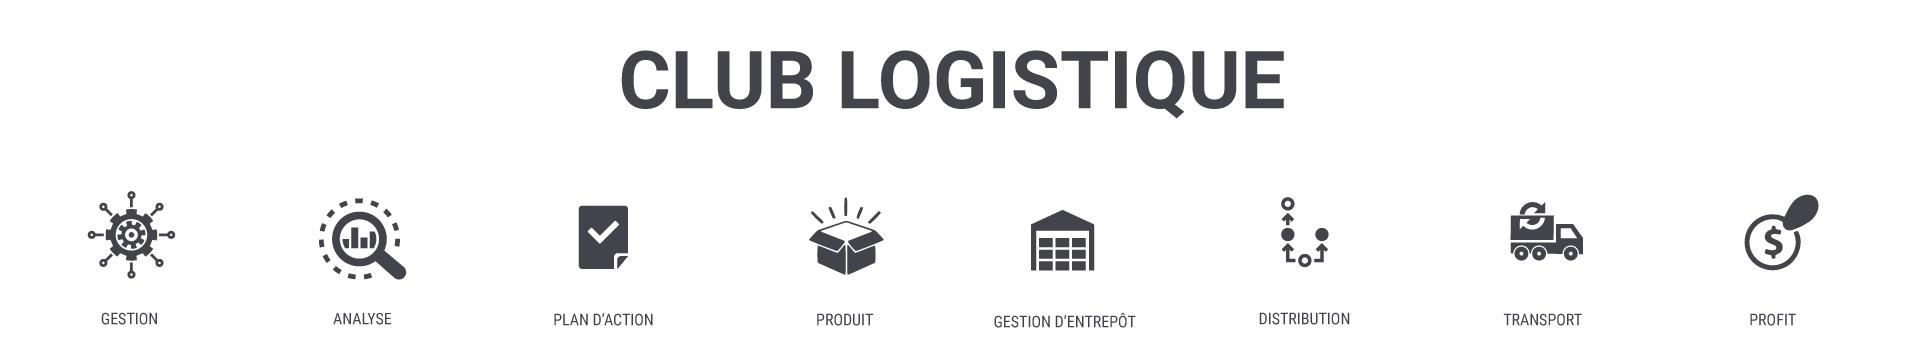 dpme-cercle-echange-logistique-gestion-entrepot-distribution